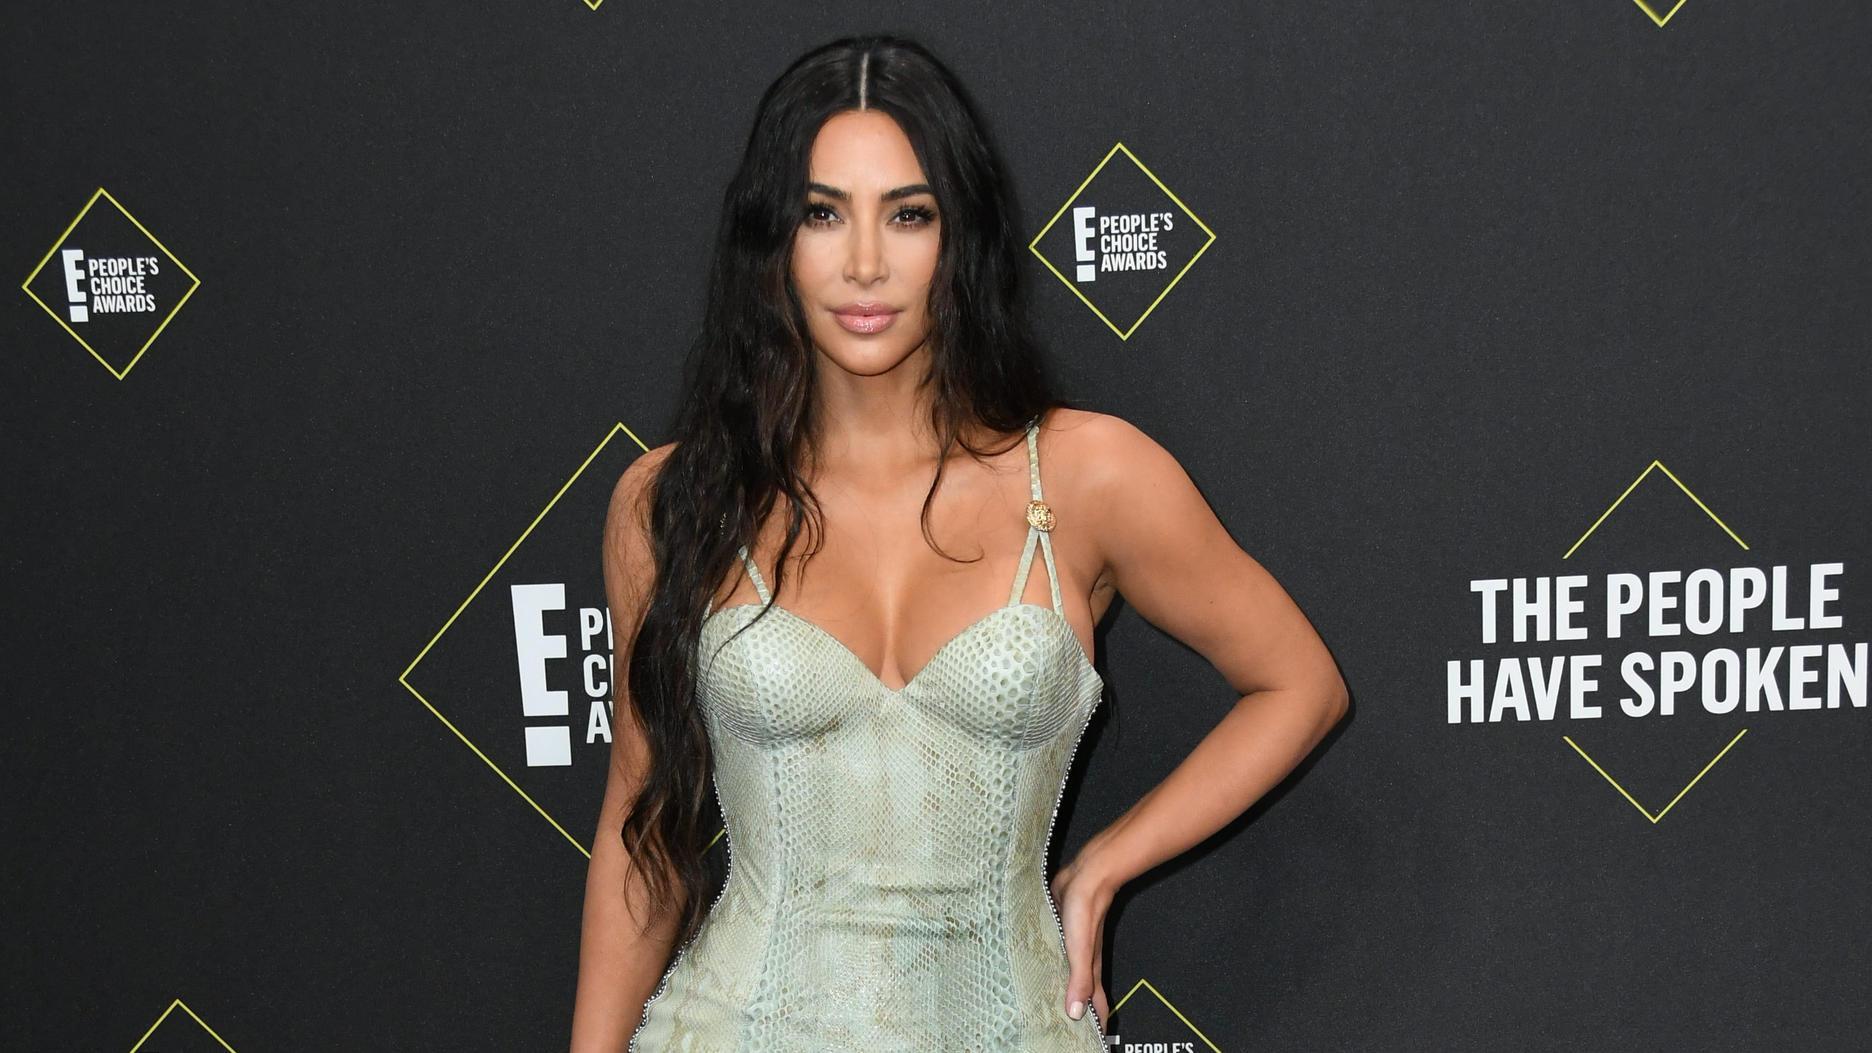 Acht Kilo zugenommen: Kim Kardashian zeigt ihre Kurven - VIP.de, Star News